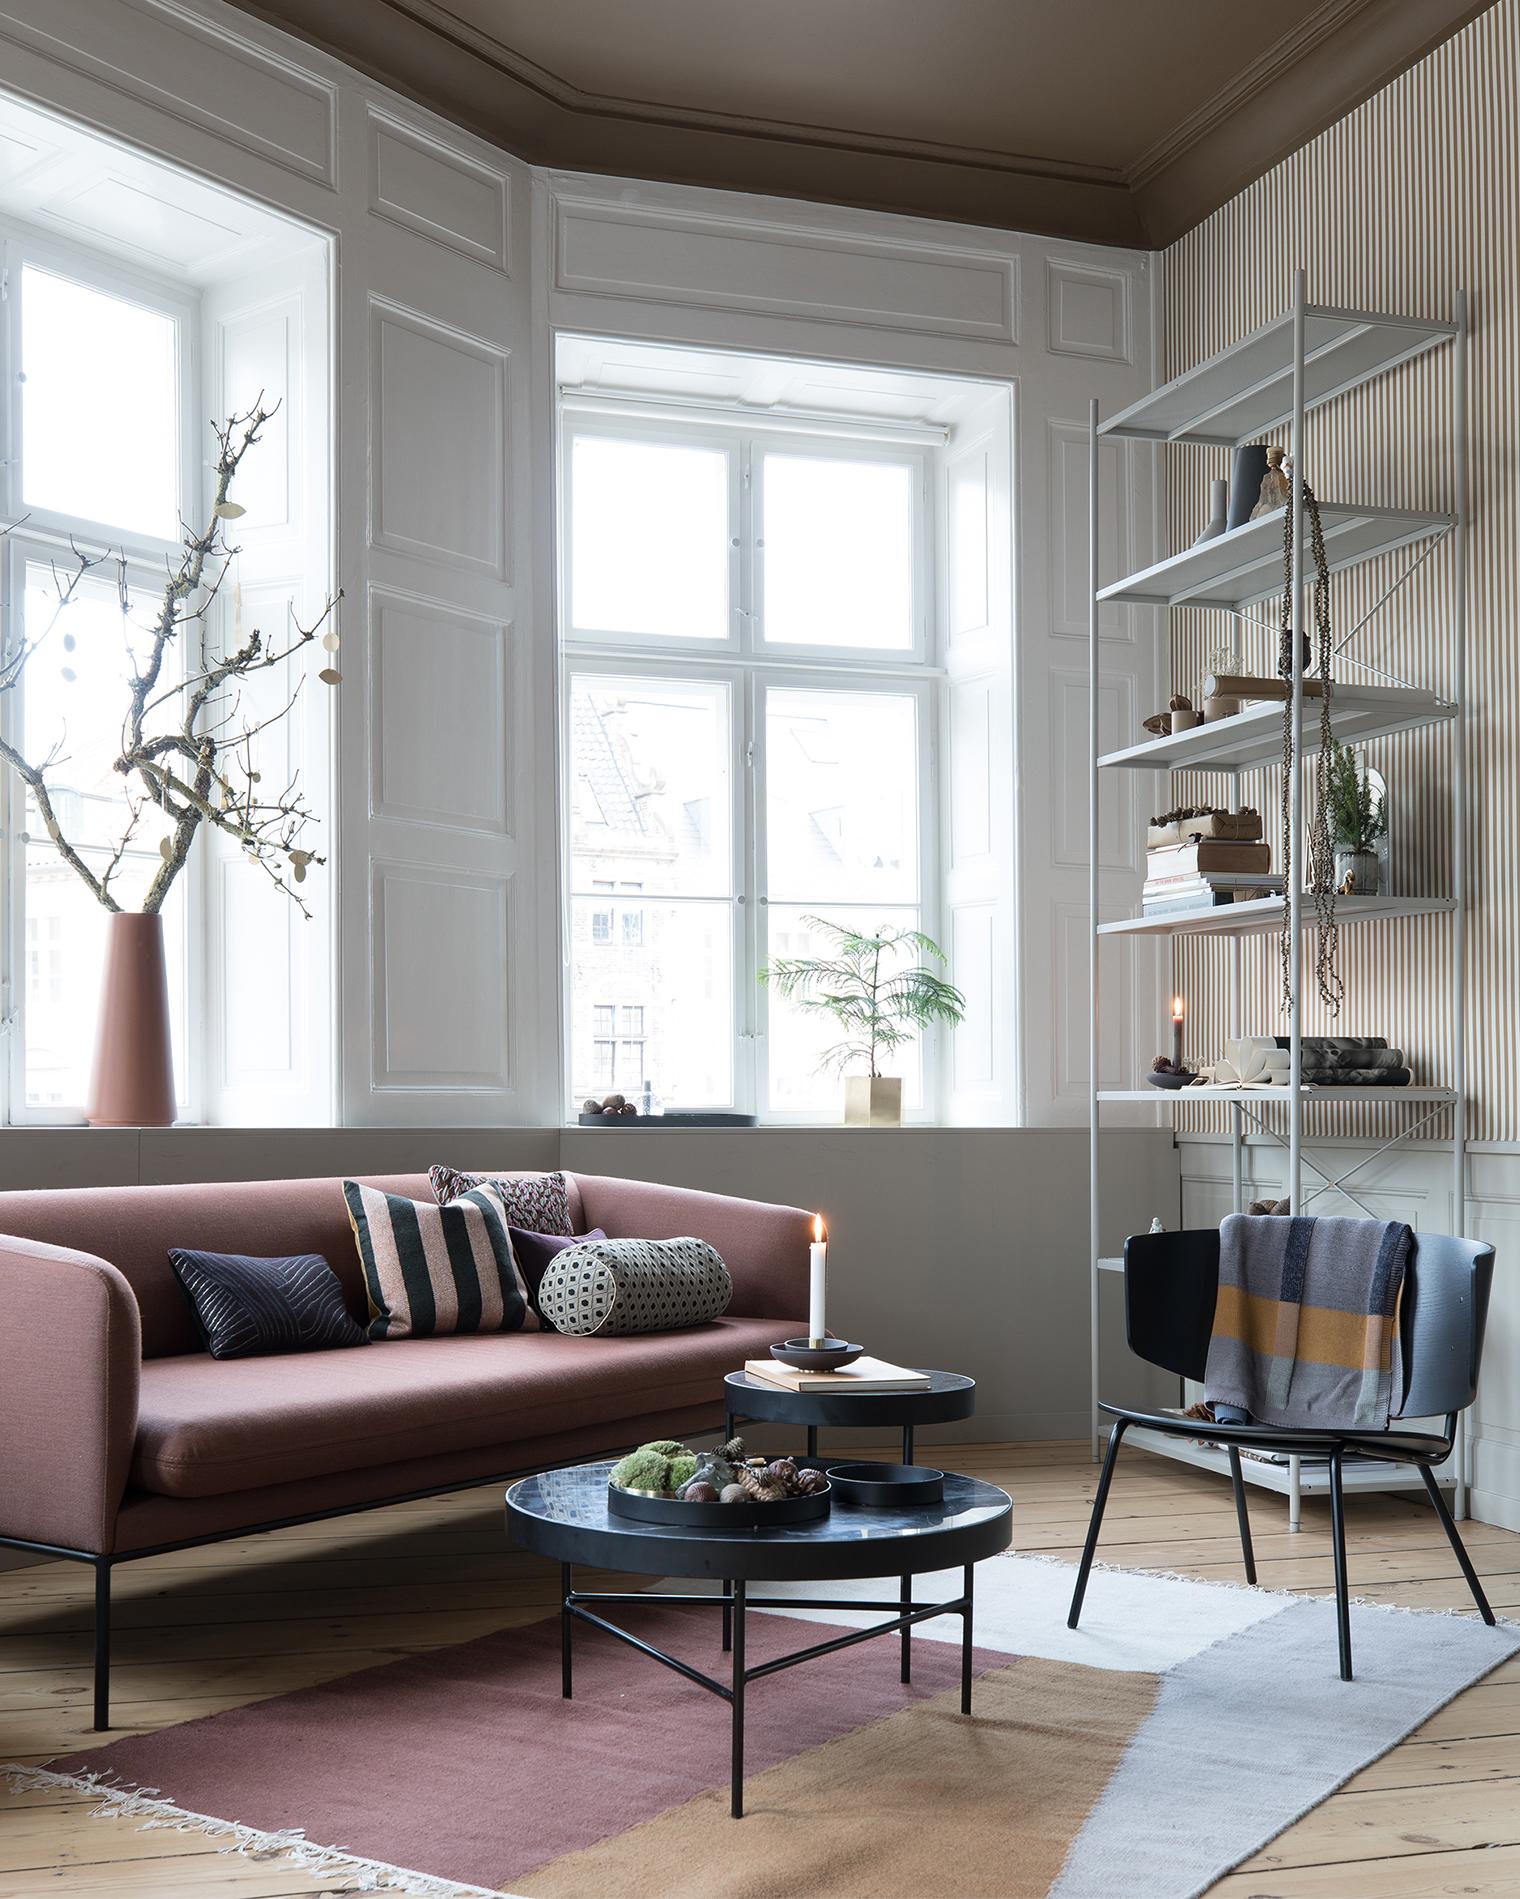 Skandinavischer Wohnstil - die Merkmale von skandinavischer Einrichtung